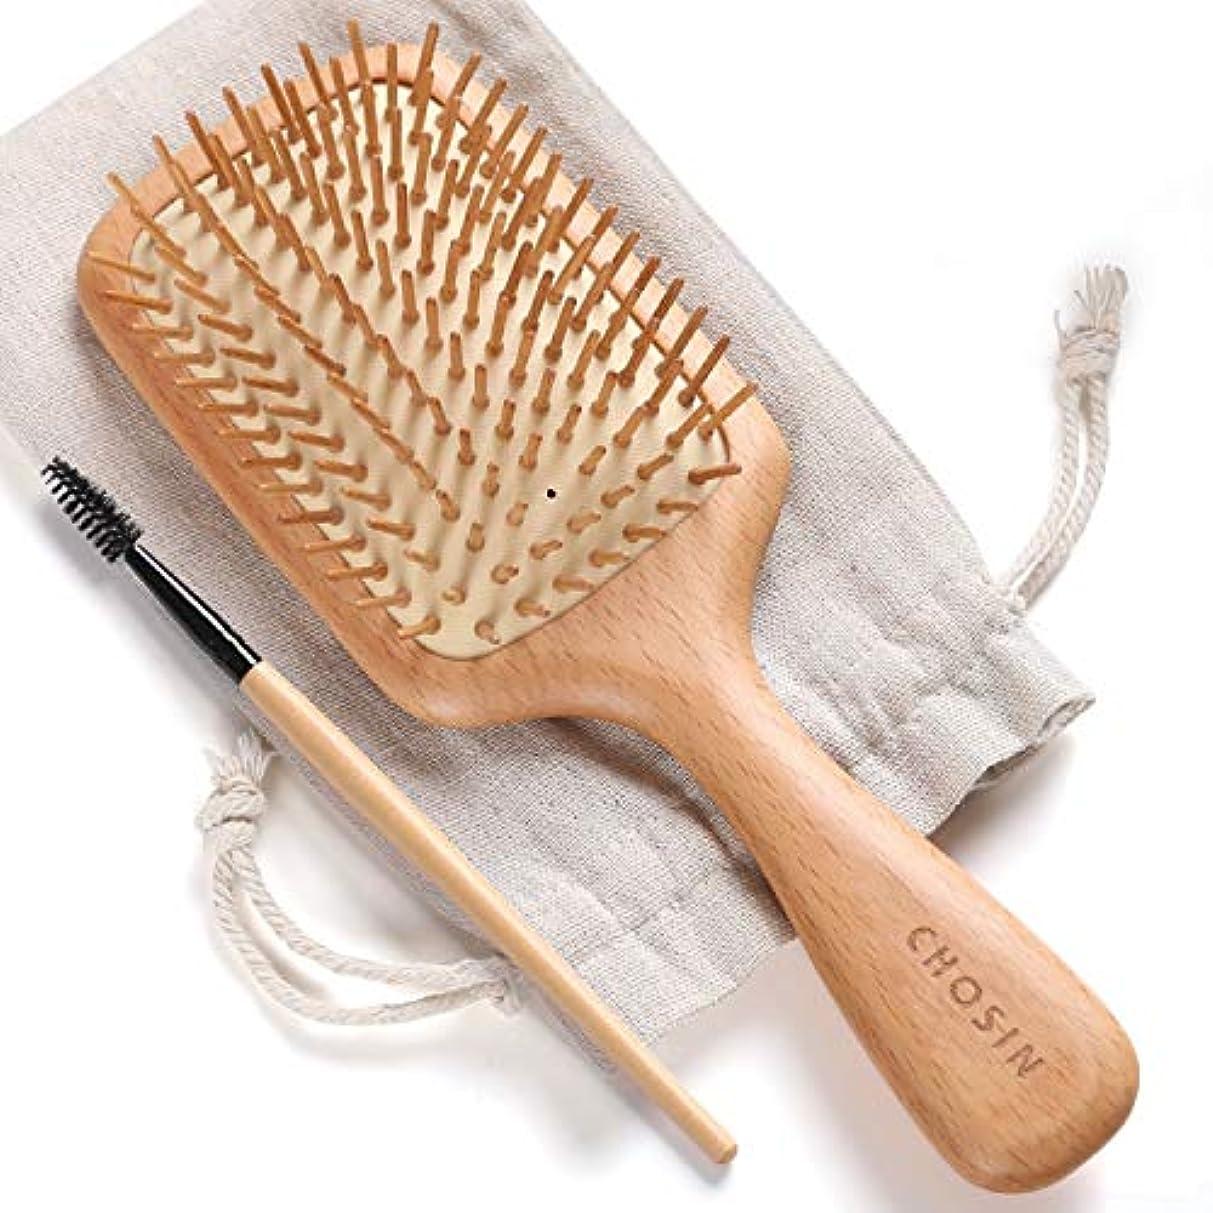 高く絶縁する攻撃ヘアブラシ CHOSIN 頭皮マッサージ 木製櫛 髪をなめらかにする ヘアケア 静電気防止脱毛防止頭皮の圧迫軽減 男性と女性への適用